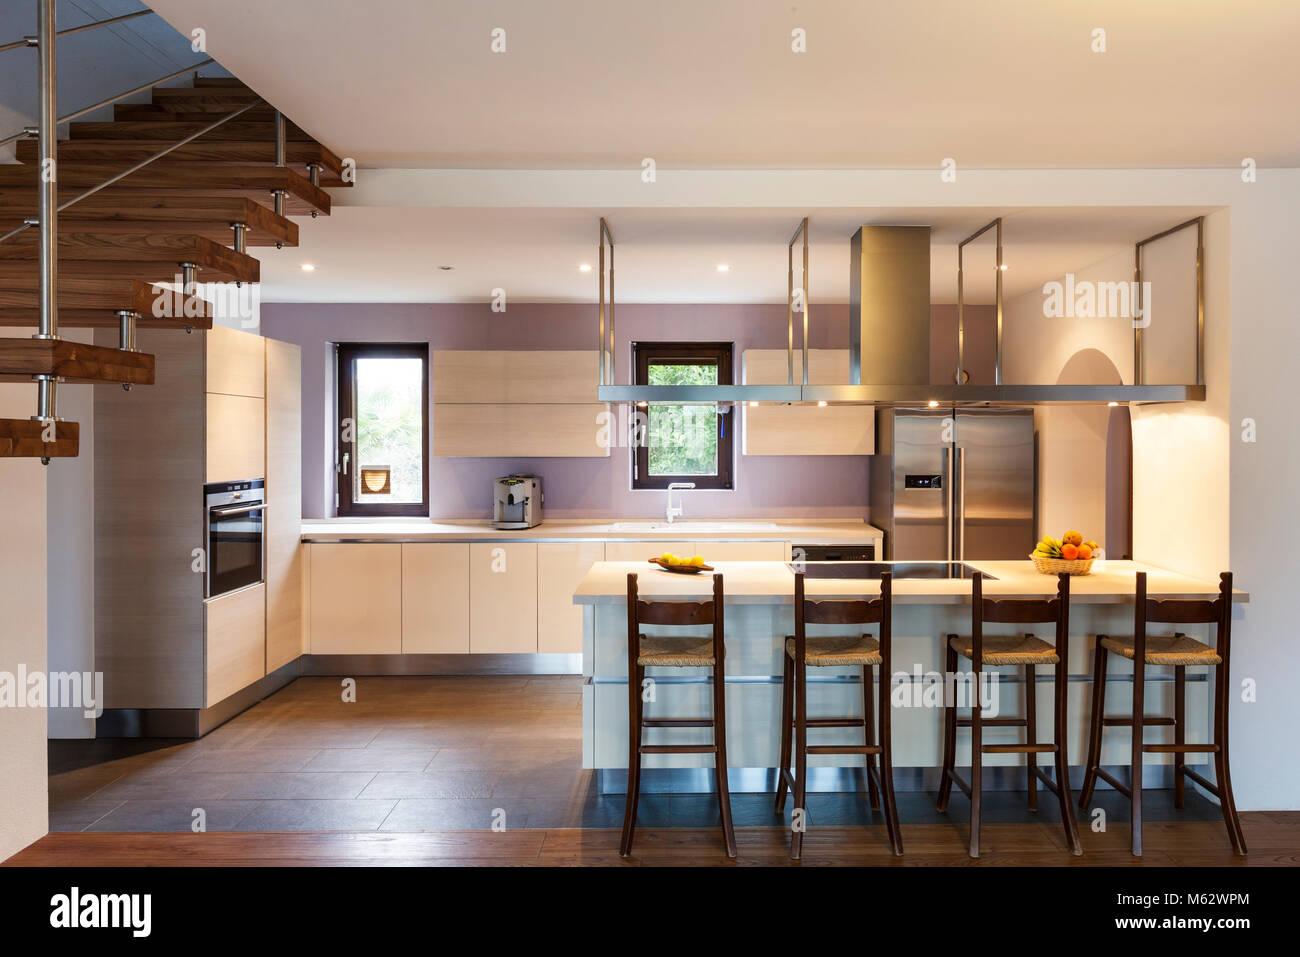 Beautiful modern loft view of the kitchen